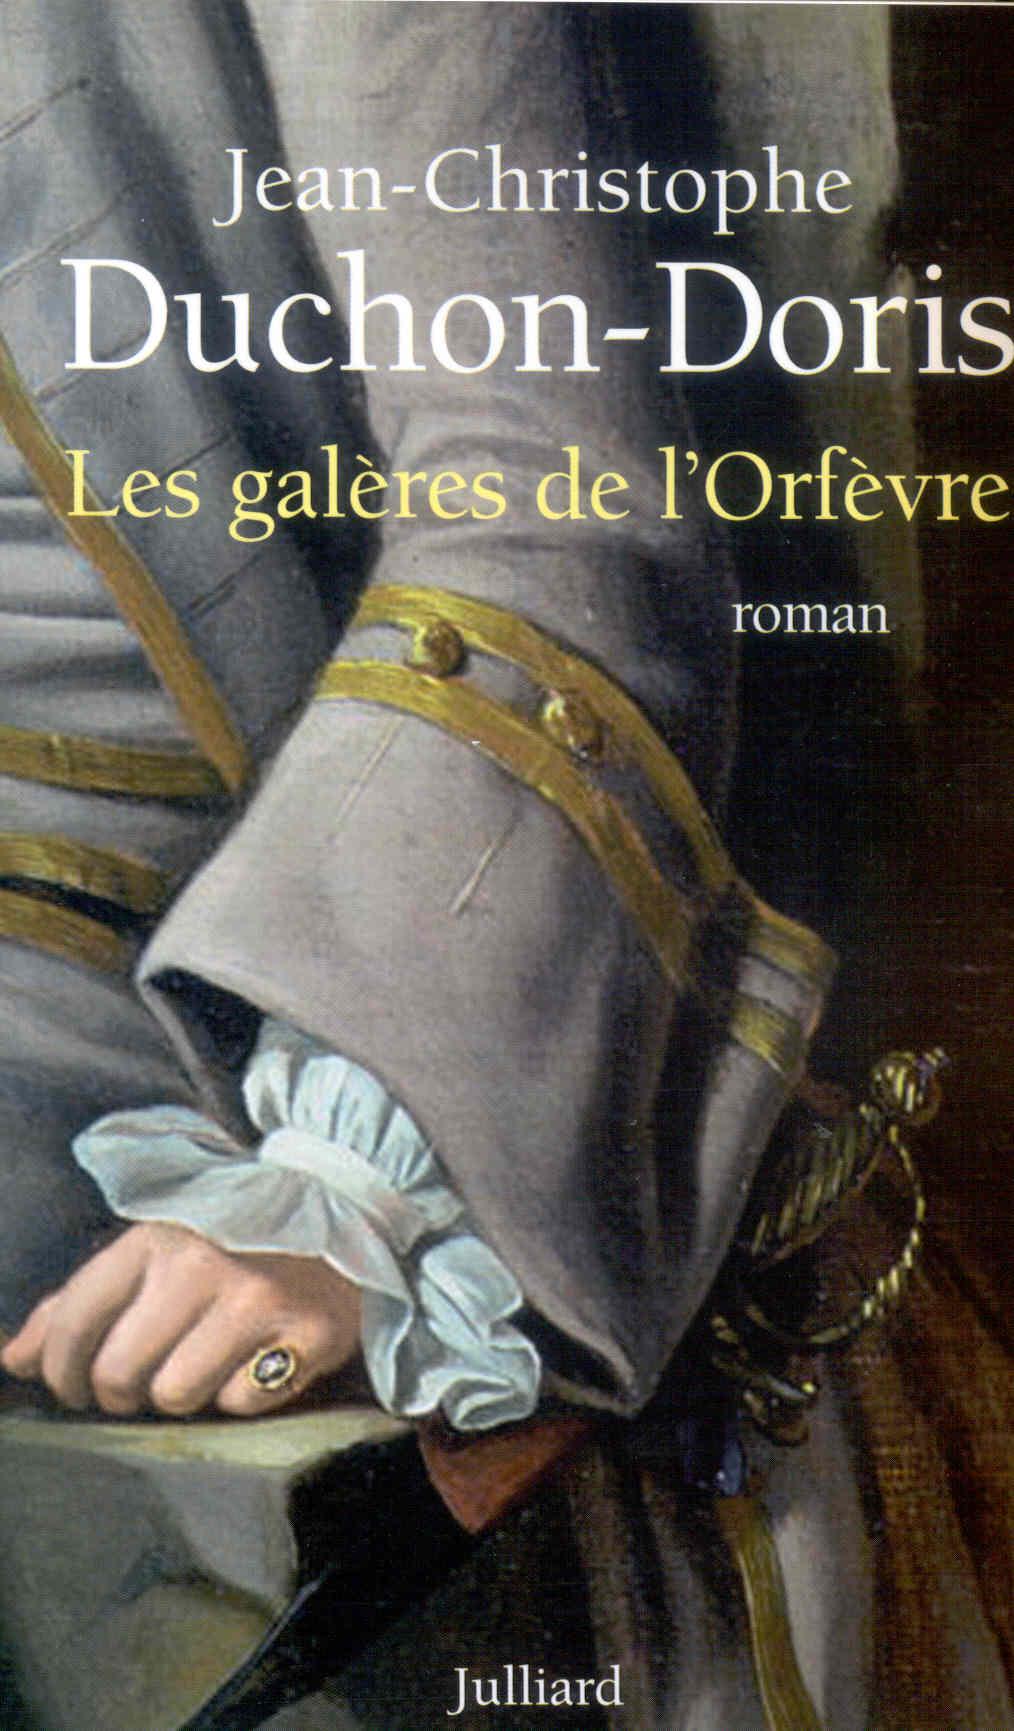 Les galeres de l'orfevre marseille, 1703